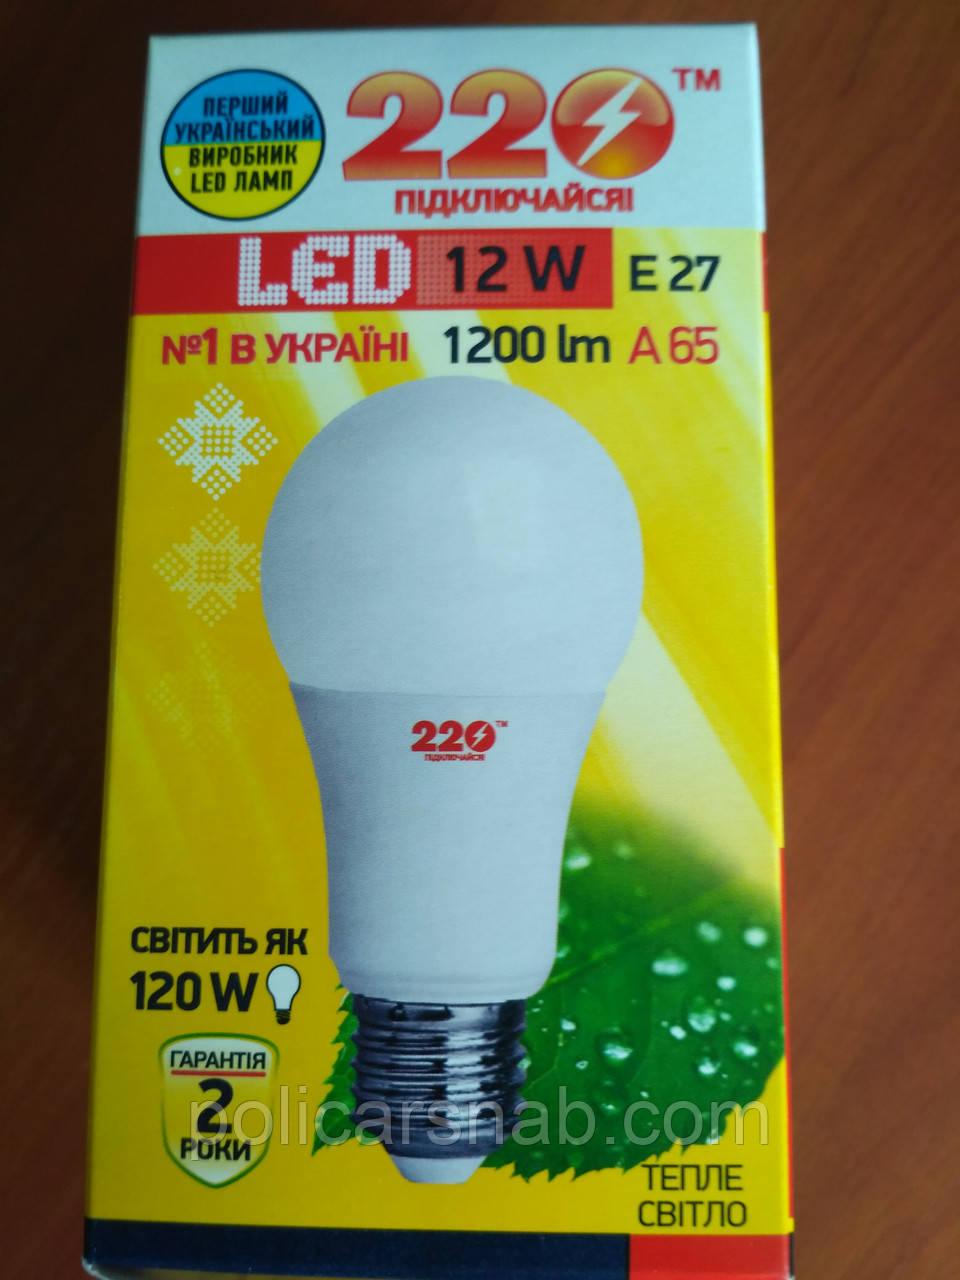 Лампа LED 12 Вт светодиодная 3000K, Е27, 12W 1200Lm А 65 шар